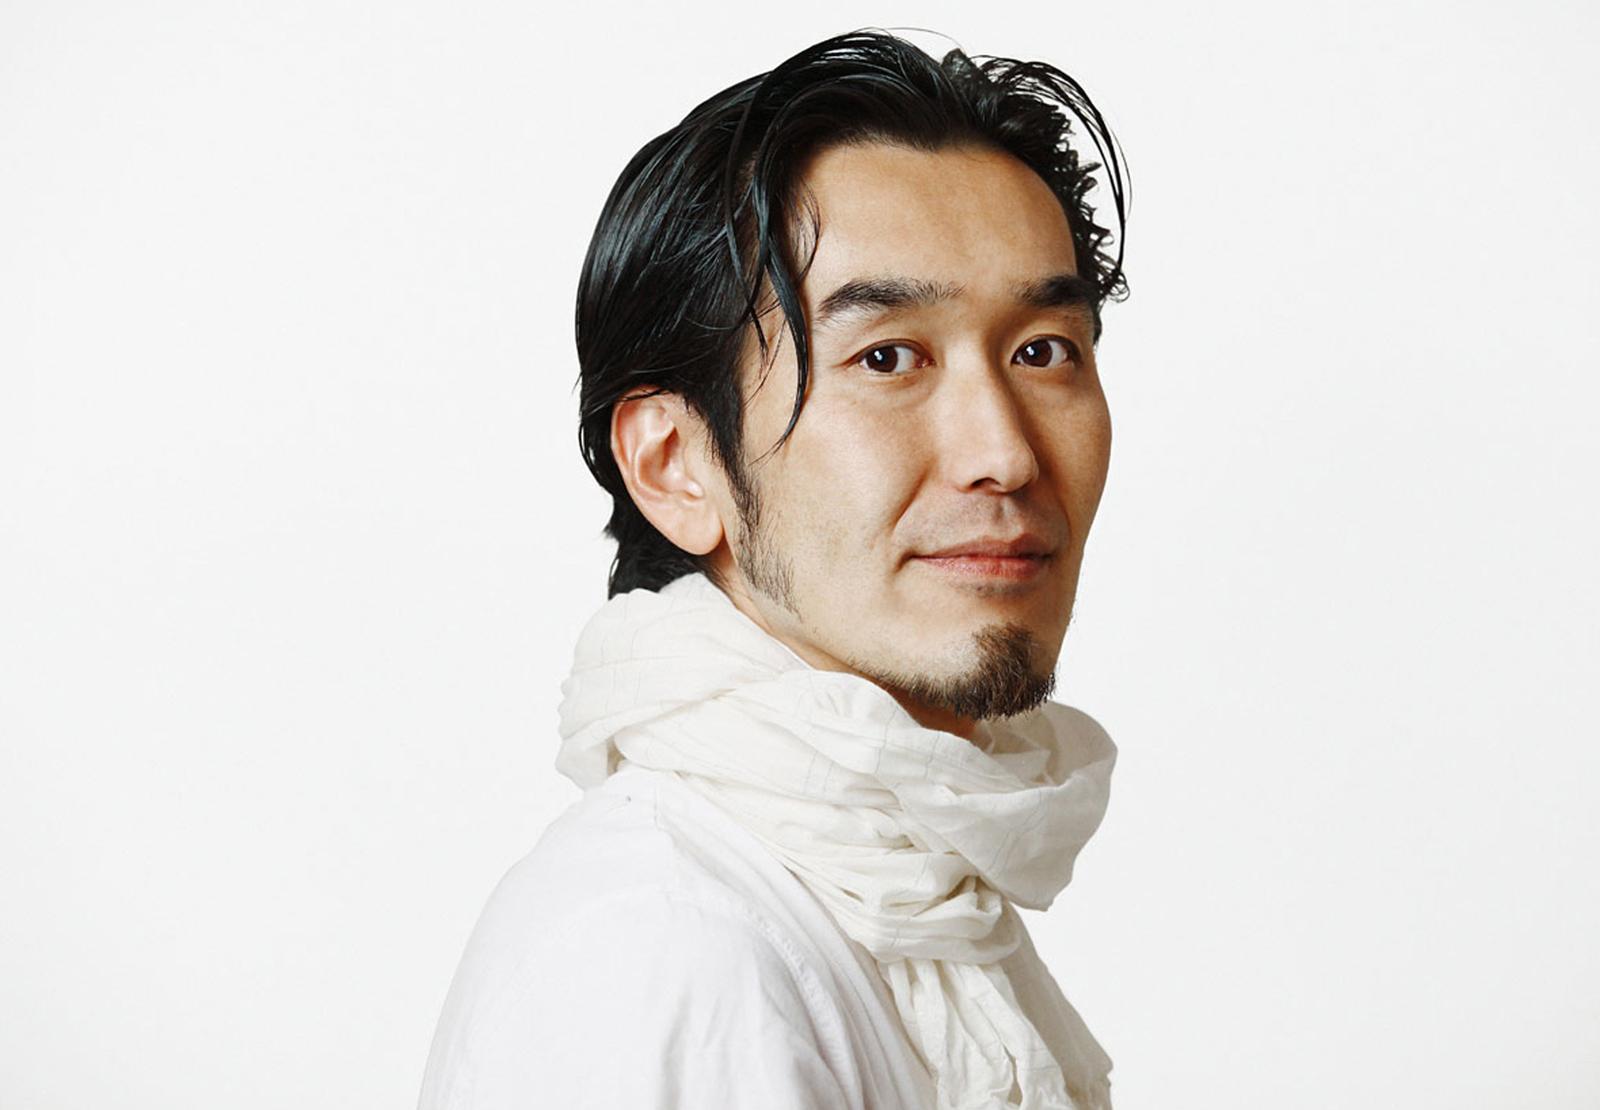 Ryosuke Kawaguchi Zopfi  (12. Juli 1970, Tokyo, Japan) ist japanischer Graphic Designer und Mitglied des Designers' Clubs seit 2008. Er ist Absolvent der Tokyo Zokei University of Art und gehörte in den neunziger Jahren zu den Art Directoren, die für Sony Music und Warner Brothers den Look der japanischen Musikindustrie entwickelten. Für Cracker Design Inc. und das Bahaty Design Studio leitete er Projekte für Grosskunden, Foto-Shootings und Markt-Lancierungen. Eine Rückkehr von den Aufgaben des Art Directors zum rein graphischen Handwerk - in einer Stadt mit überschaubareren Dimensionen als Tokyo. Dafür entdeckt er nach und nach die Bergwelt  EMAIL CONTACT  rio(at)designersclub.ch